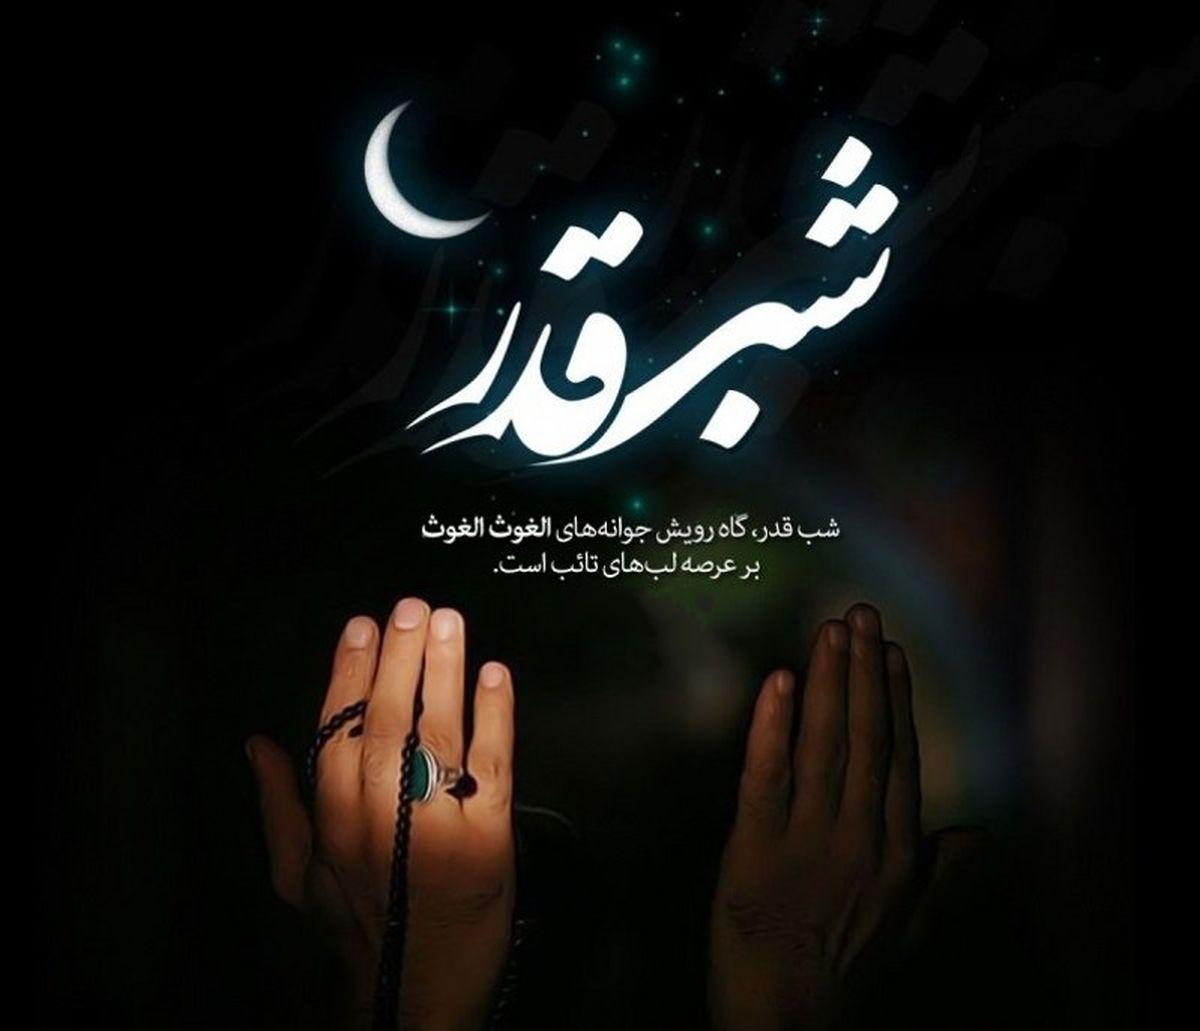 شب قدر   پیامک های ویژه شب قدر + اشعار